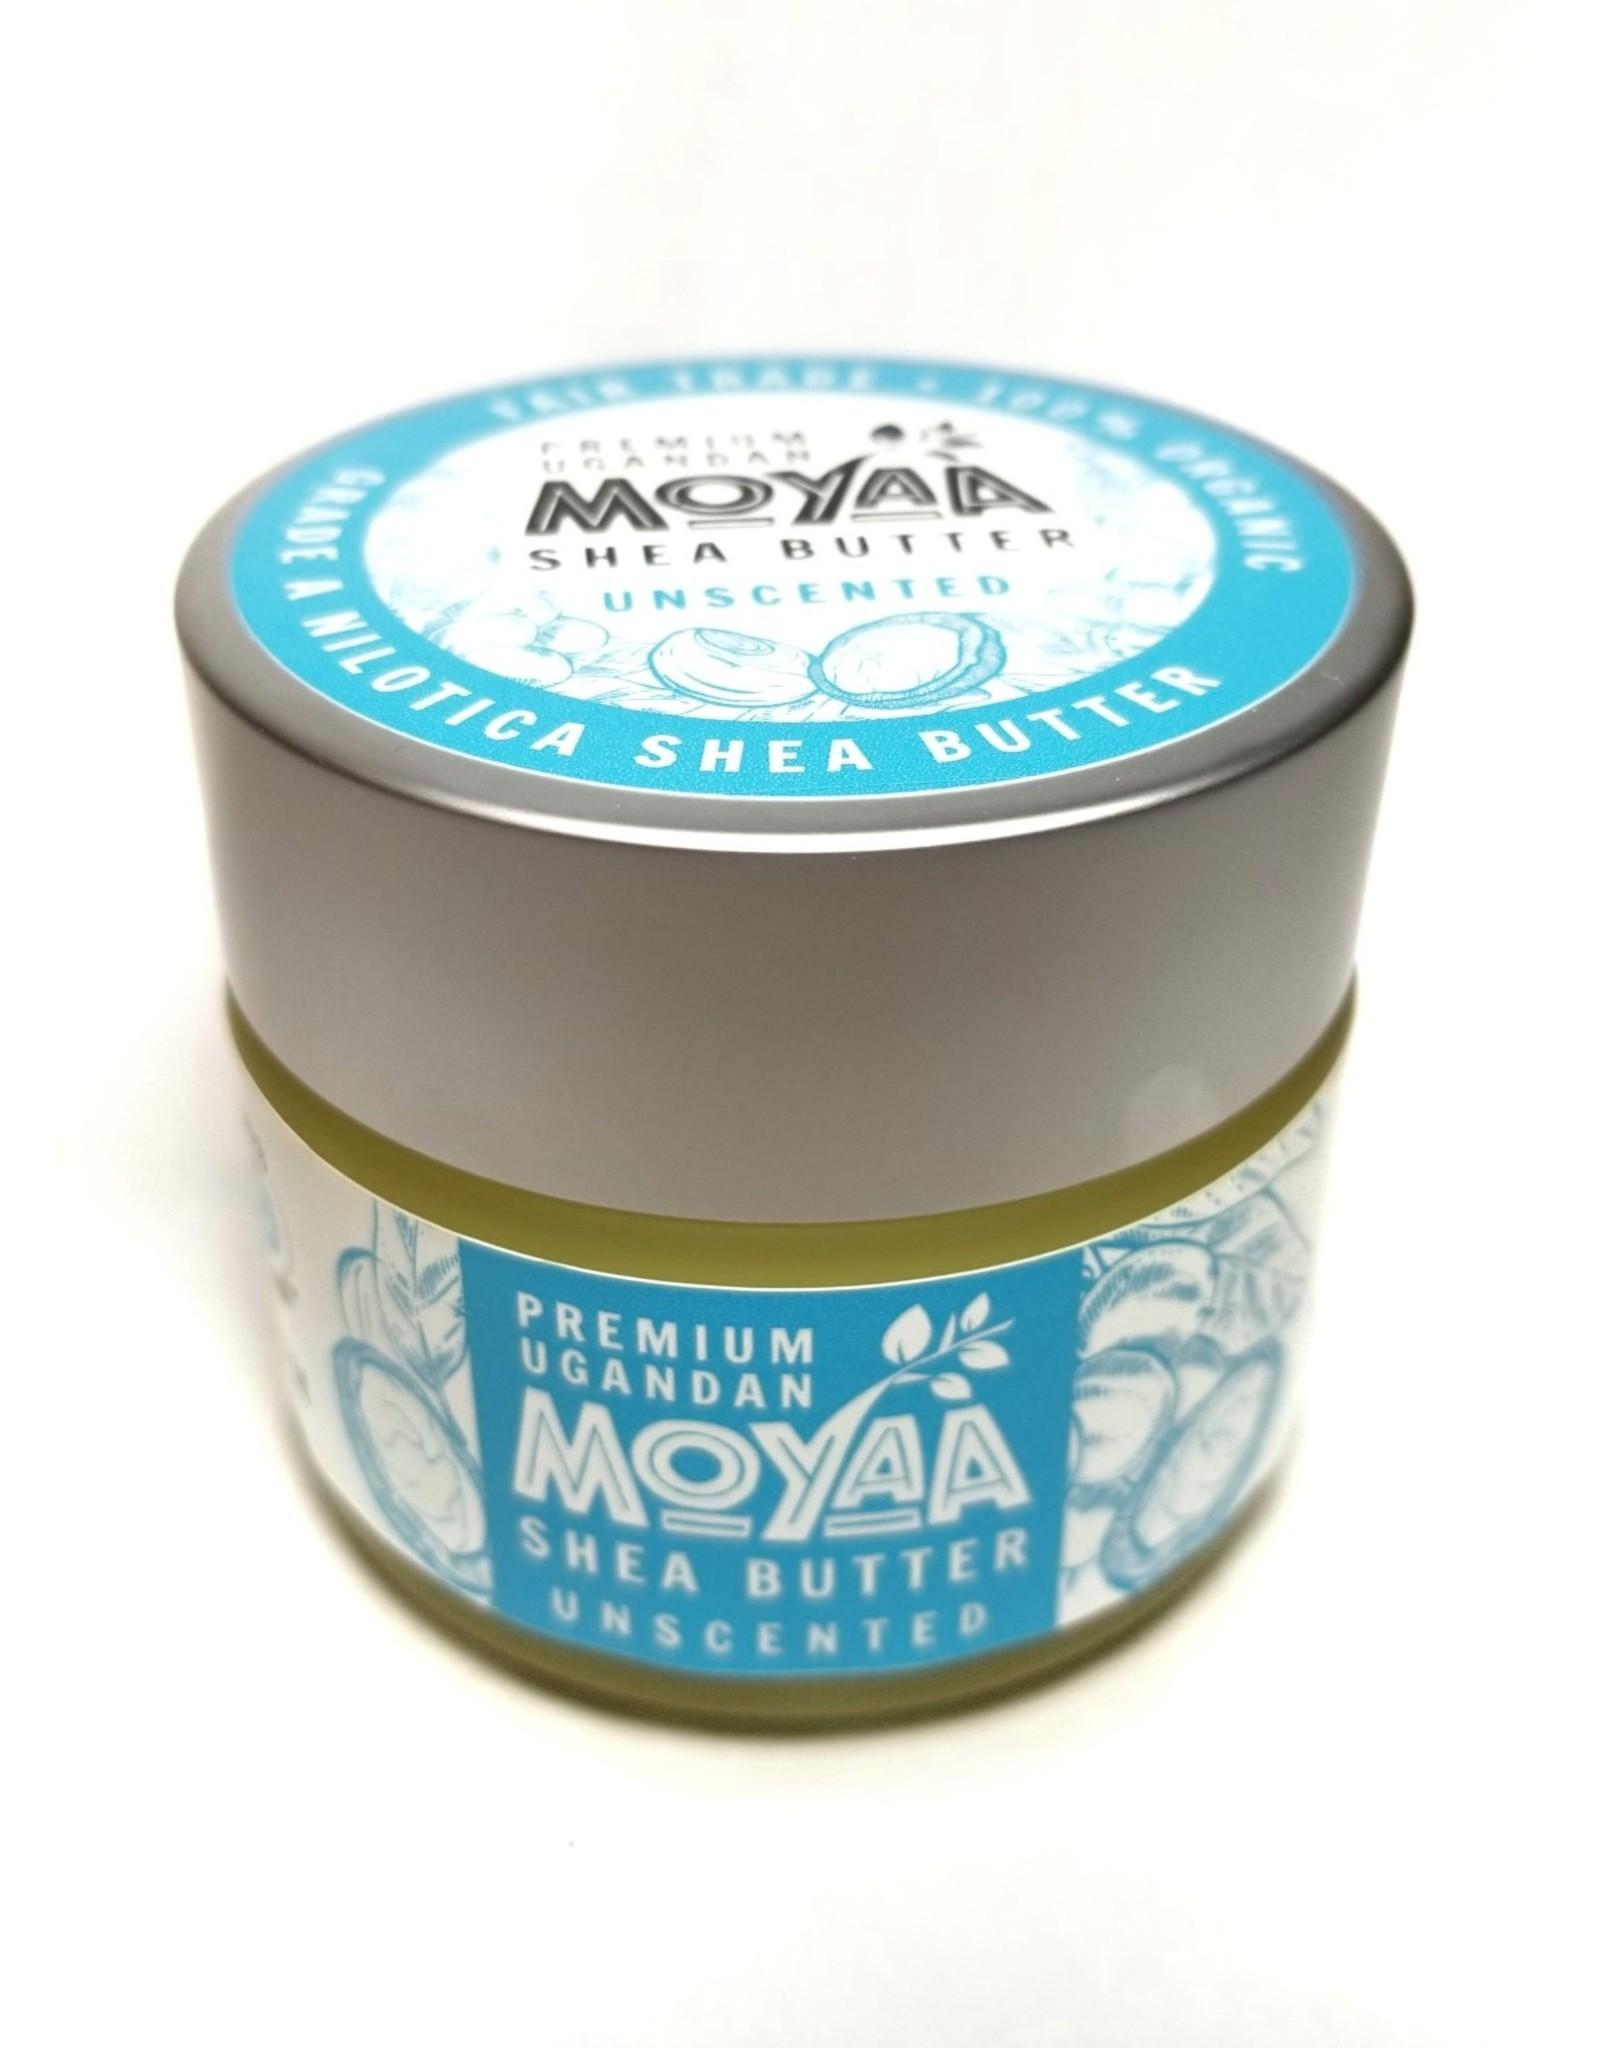 Moyaa Shea Butter Moyaa, Uganda Shea Butter, Natural Scent